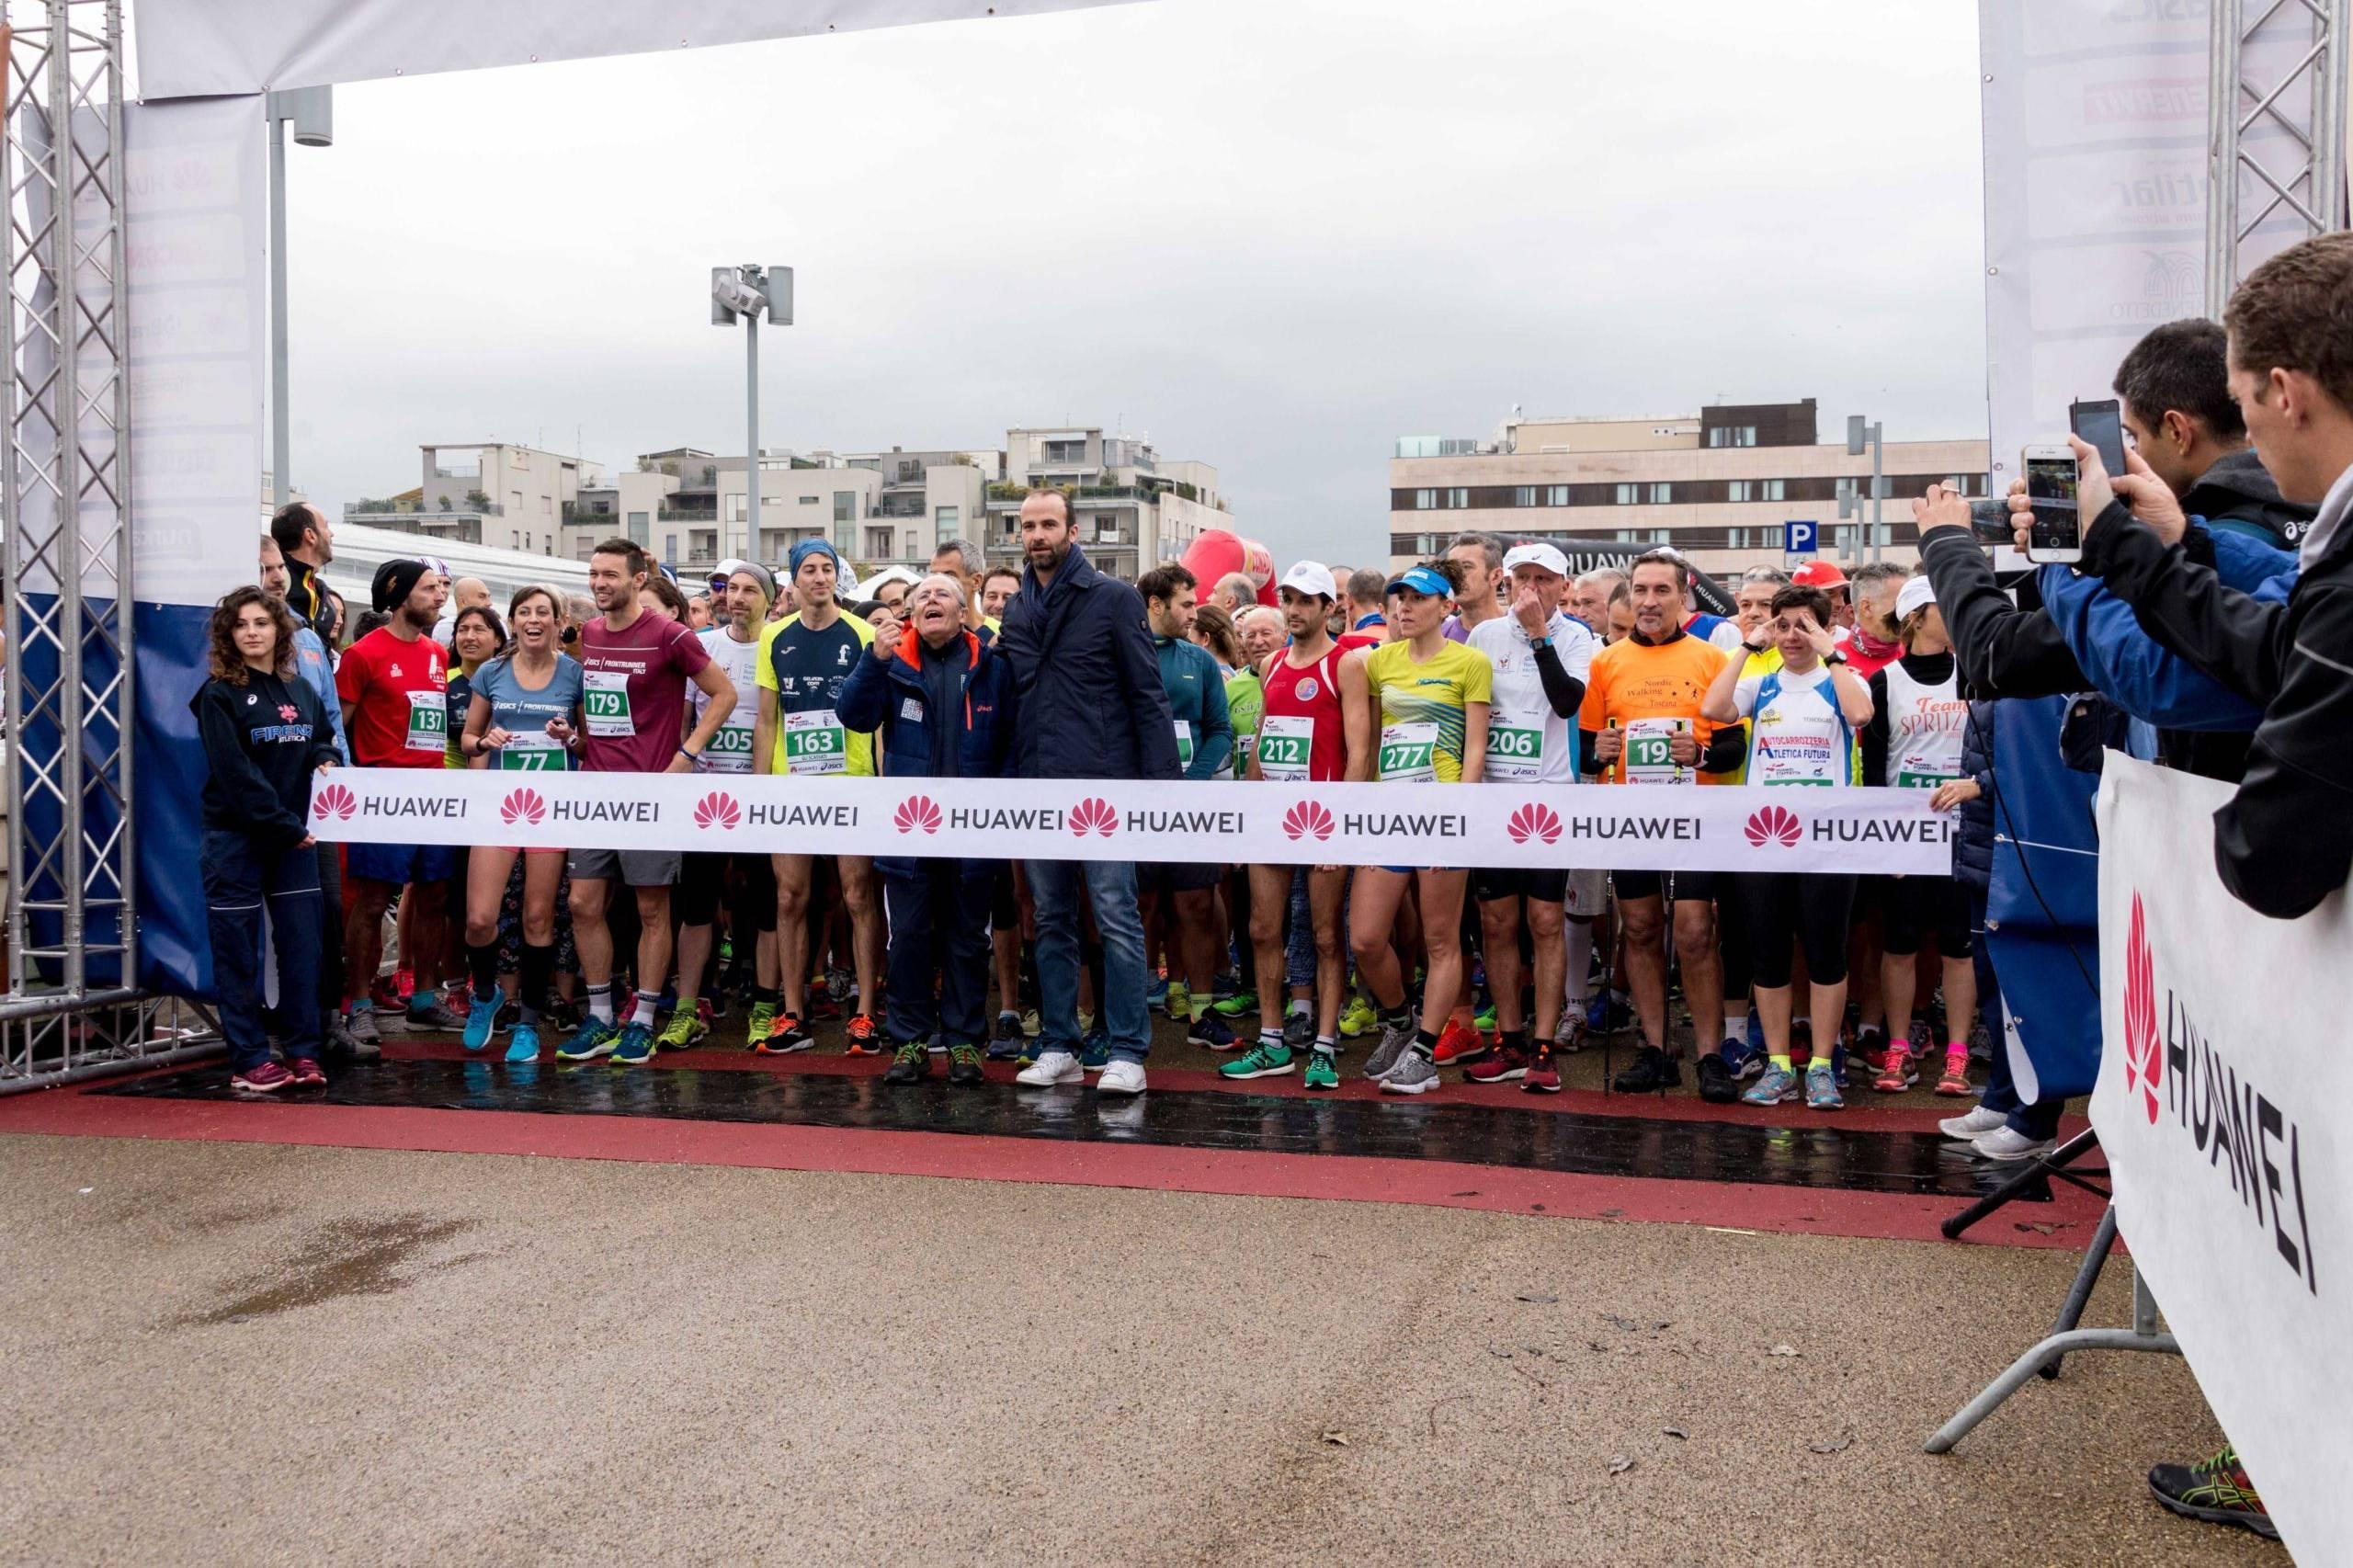 maratoneti al via huawei